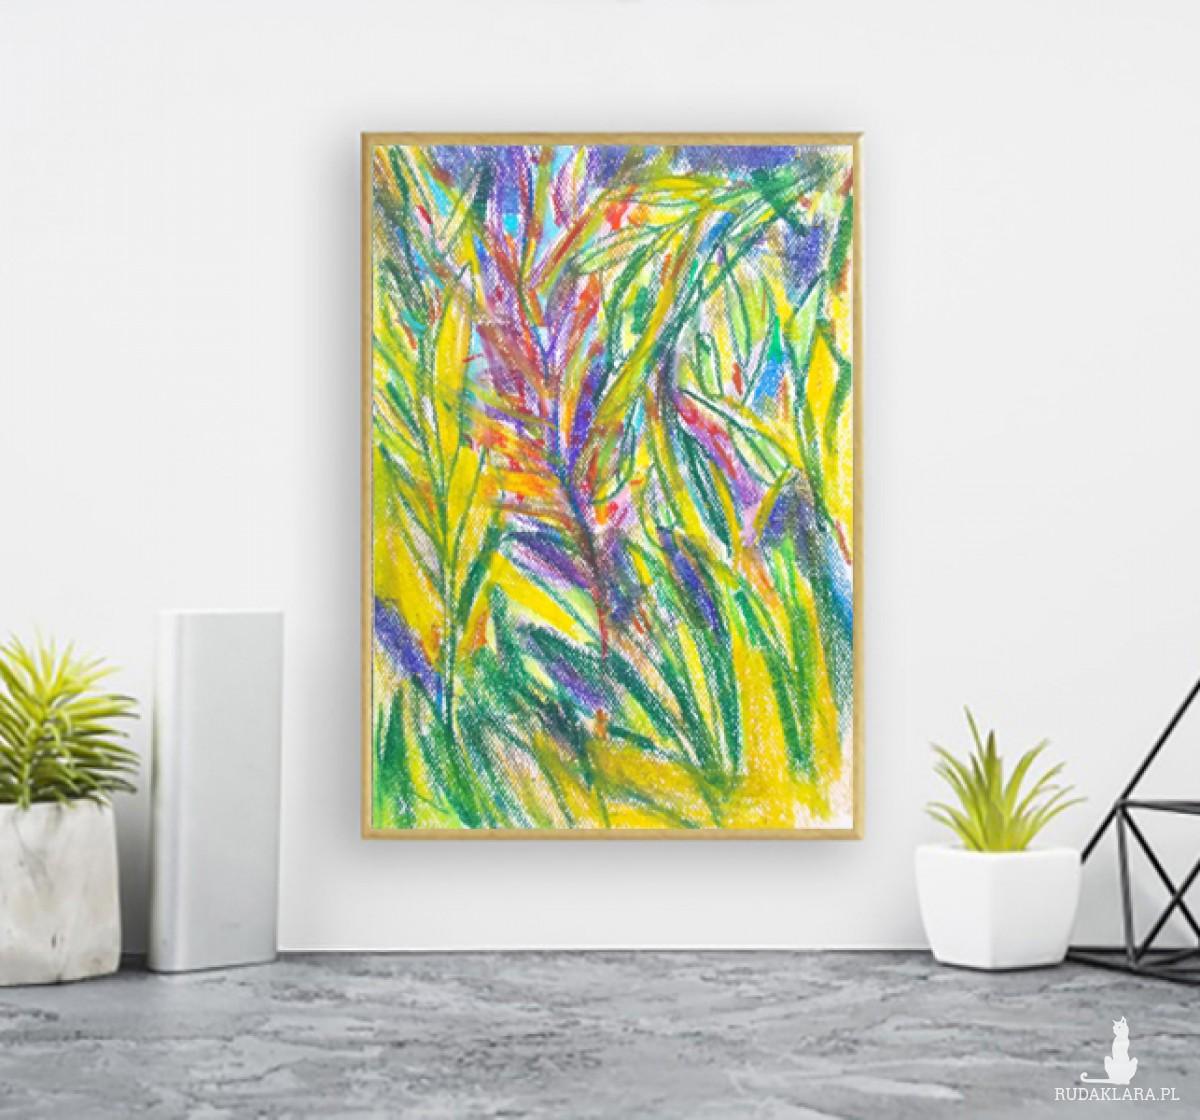 dżungla rysunek w ramce, kolorowy obraz do salonu, mały obraz na ścianę, oprawiony szkic przyrody